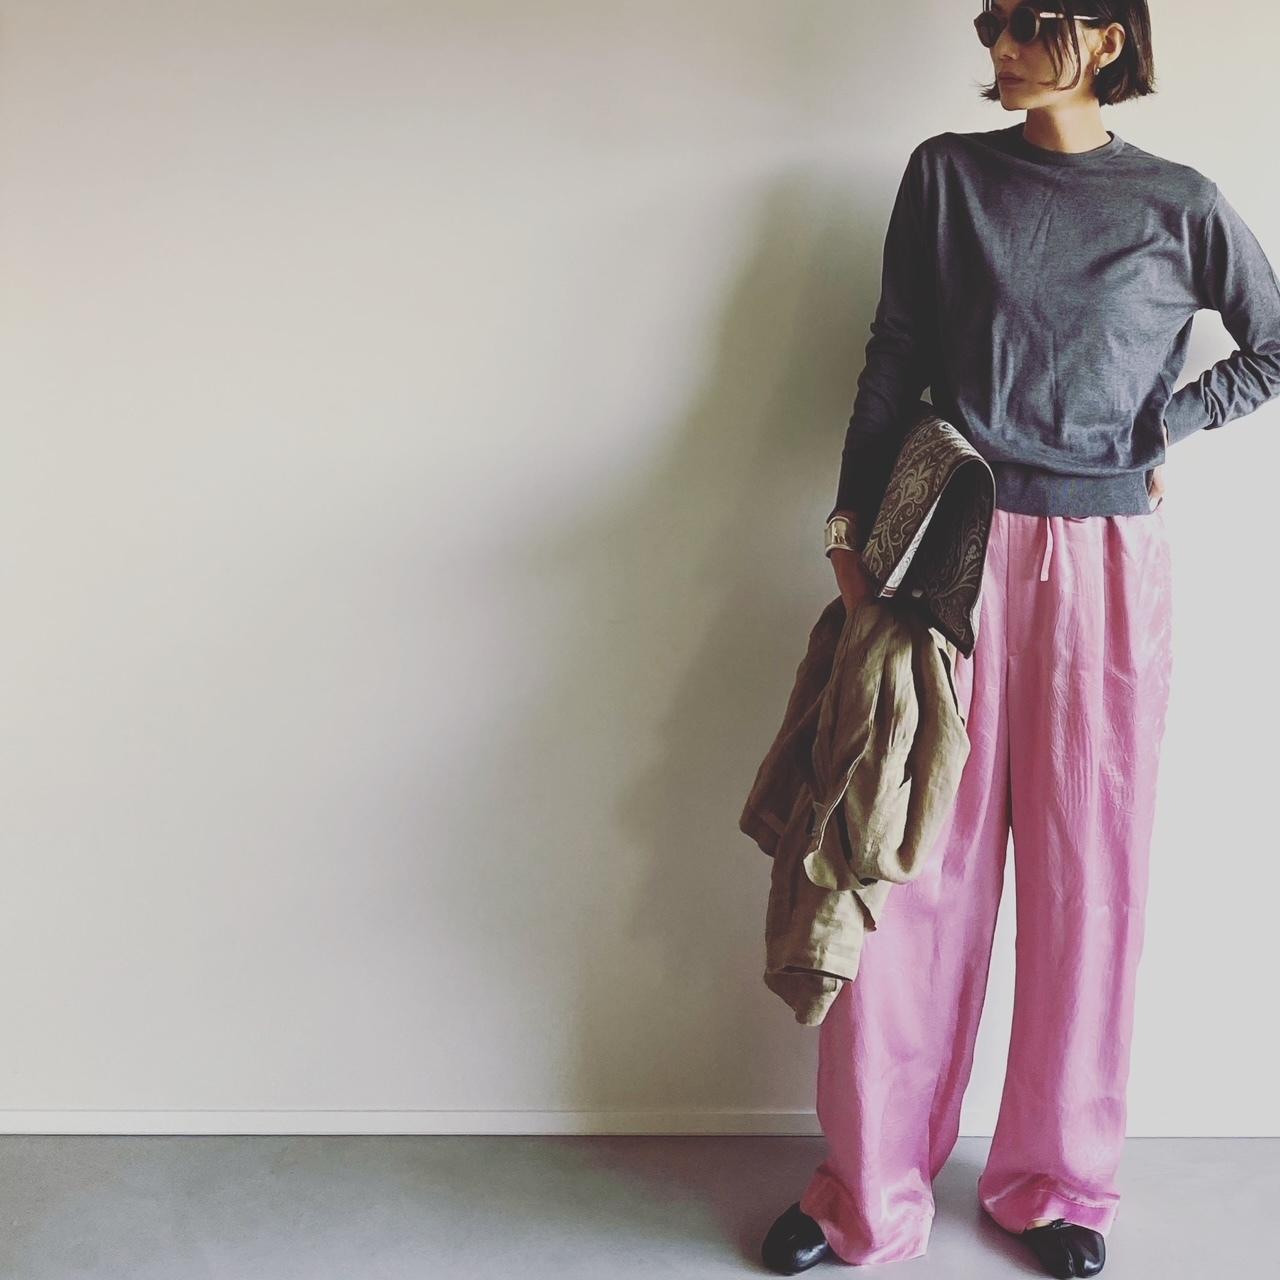 ニット/JOHN SMEDLEY パンツ/INSCRIRE ジャケット/Chaos バッグ/A VACATION 靴/Maison Margiela